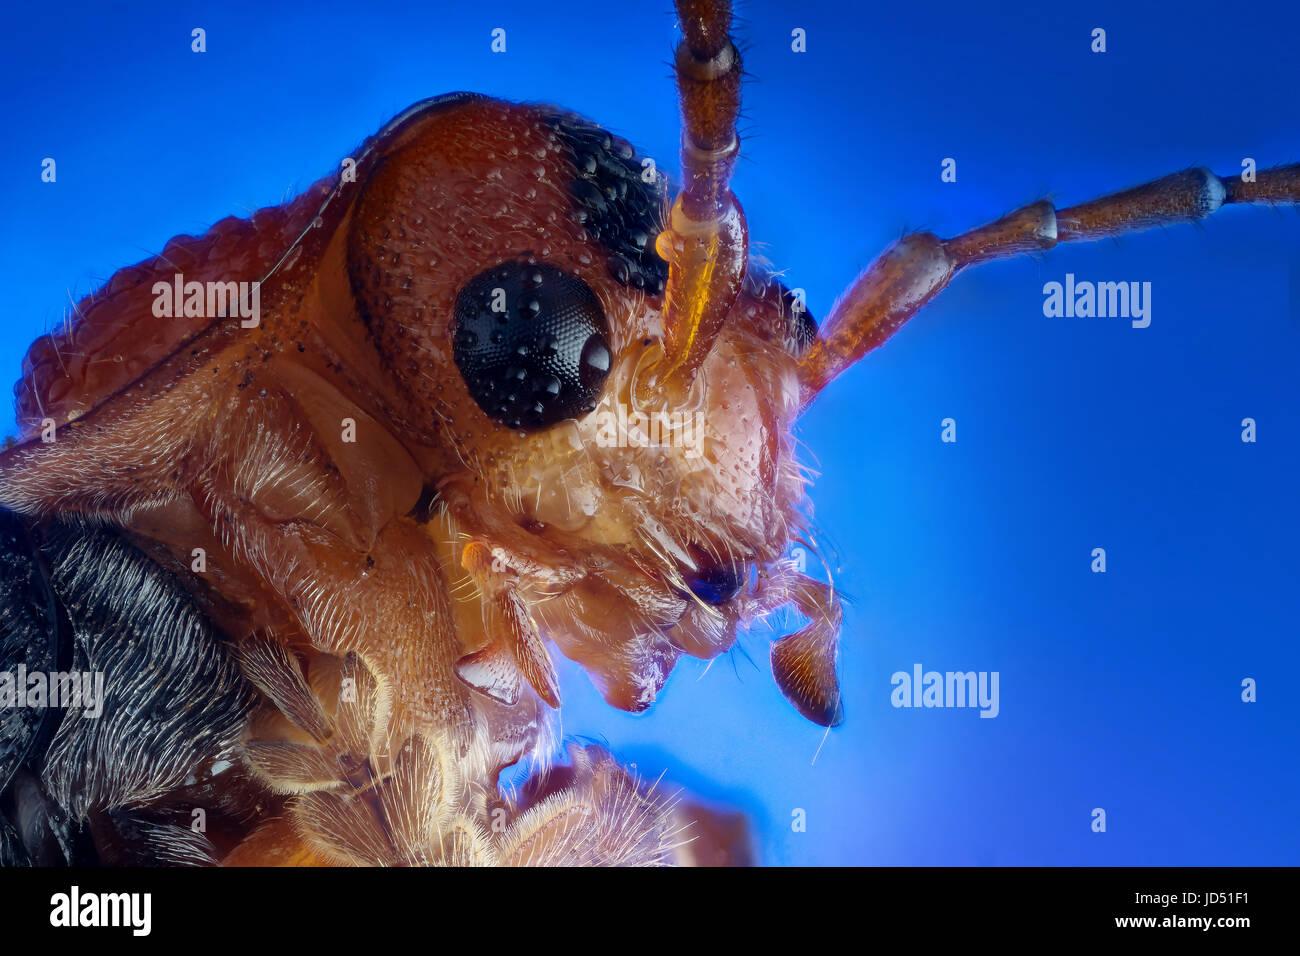 Leiter der Soldat Käfer (Cantharis Fusca) extreme Makro-Fotografie Stockbild